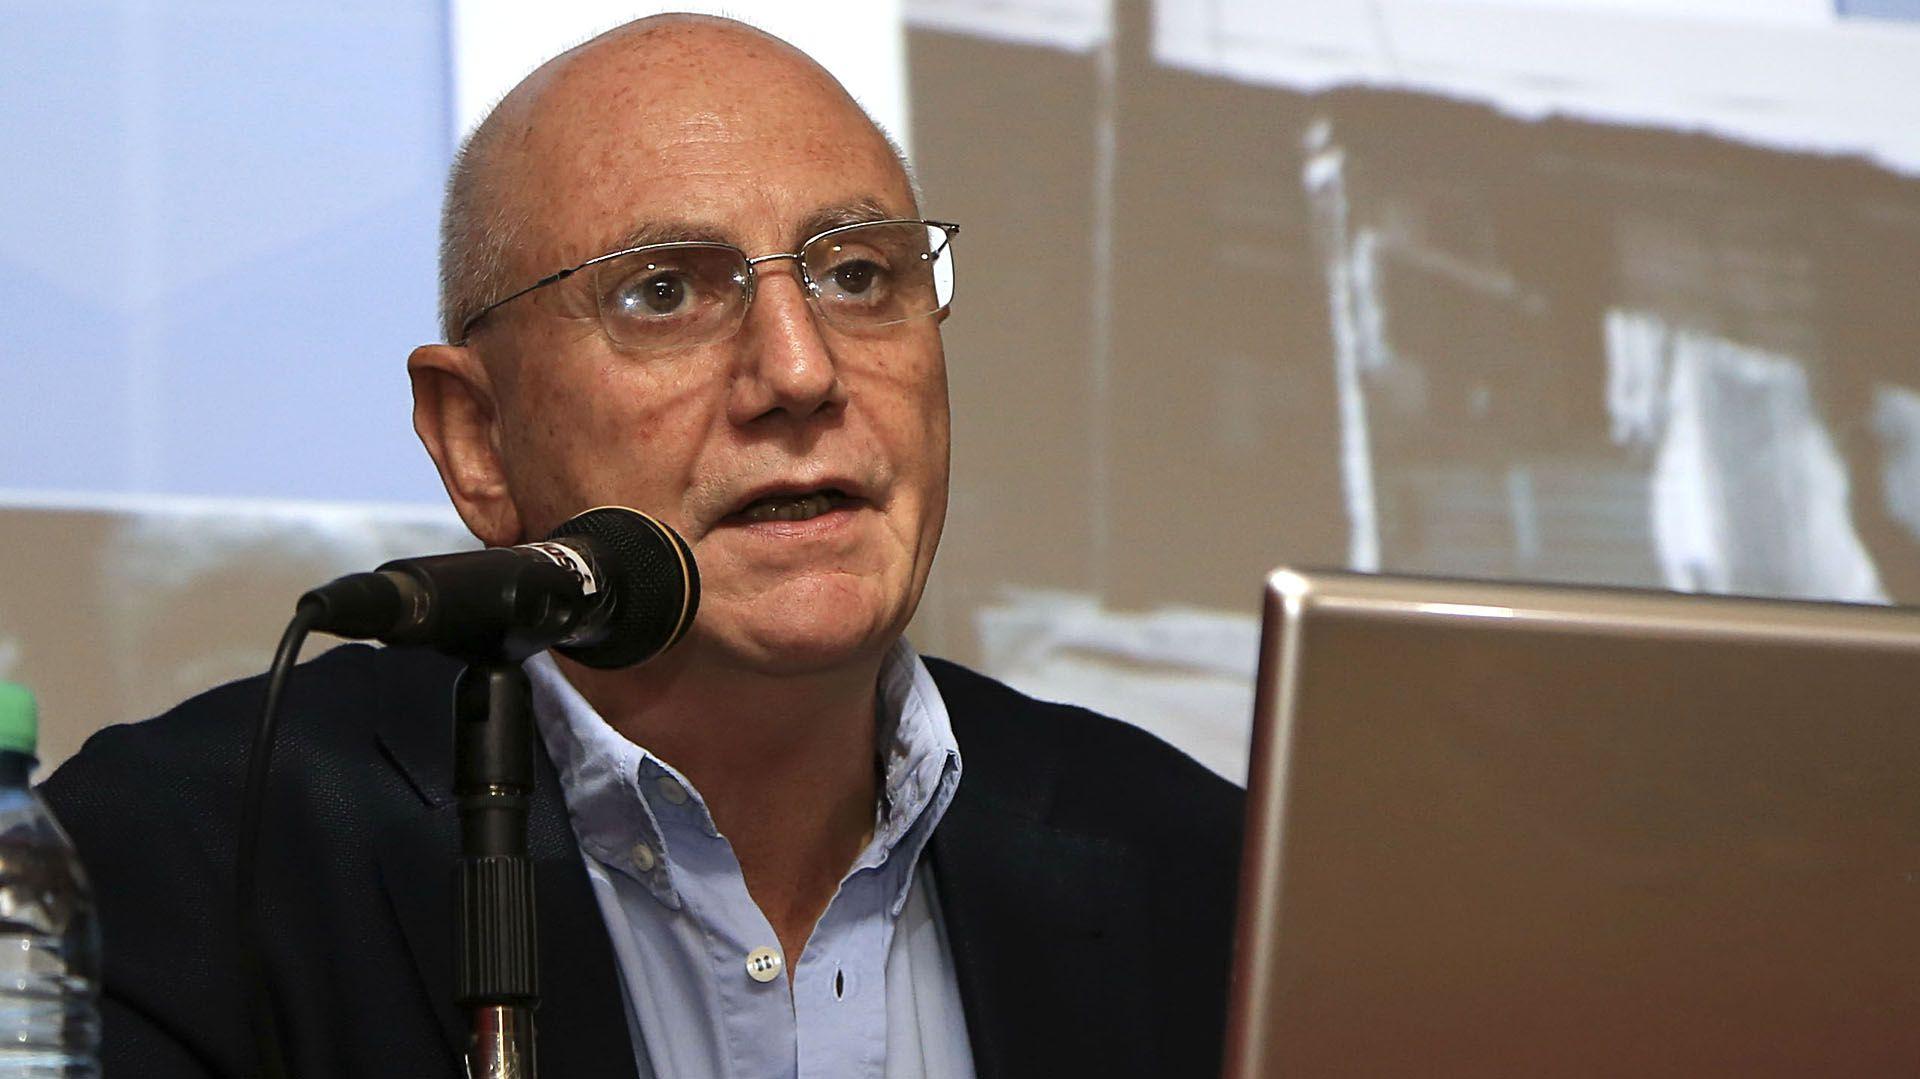 """El director del ODSA, Agustín Salvia, observó que """"hubo un comportamiento heterogéneo, con hogares que pudieron agruparse y sumar planes asistenciales, y por tanto hubo movilidad que le permitió incluso en algunos casos salir del estado de pobreza, tanto por ingreso, como en la medición multifuncional (NA)"""